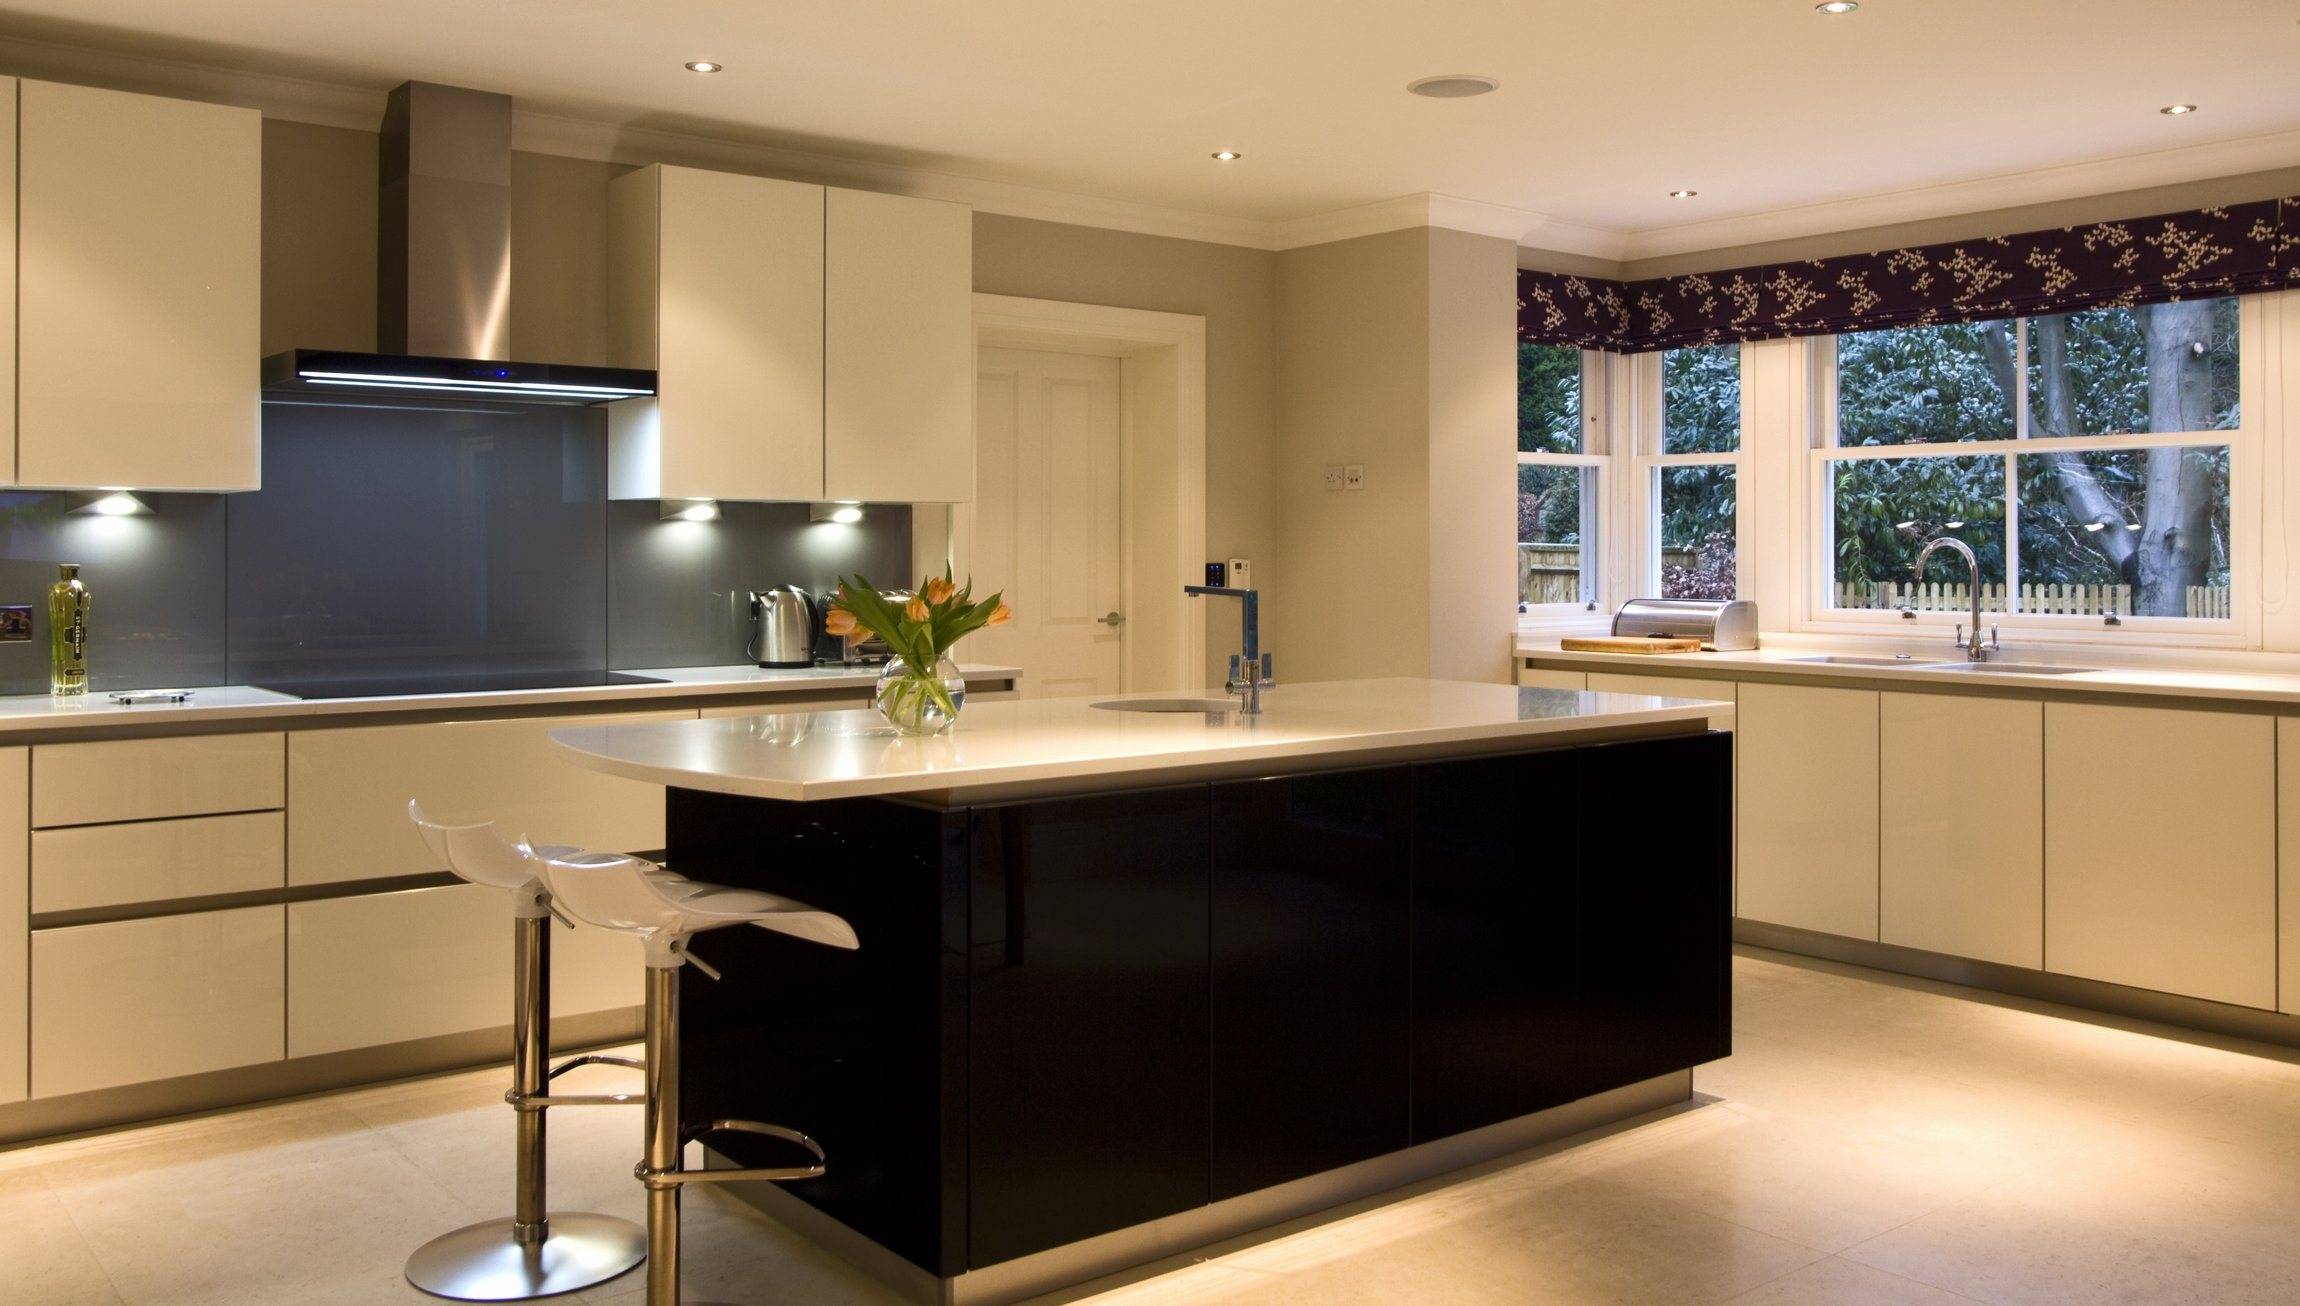 2014 Küche-Schrank, heißer Verkaufs-moderne hohe glatte Lack-Küche ...